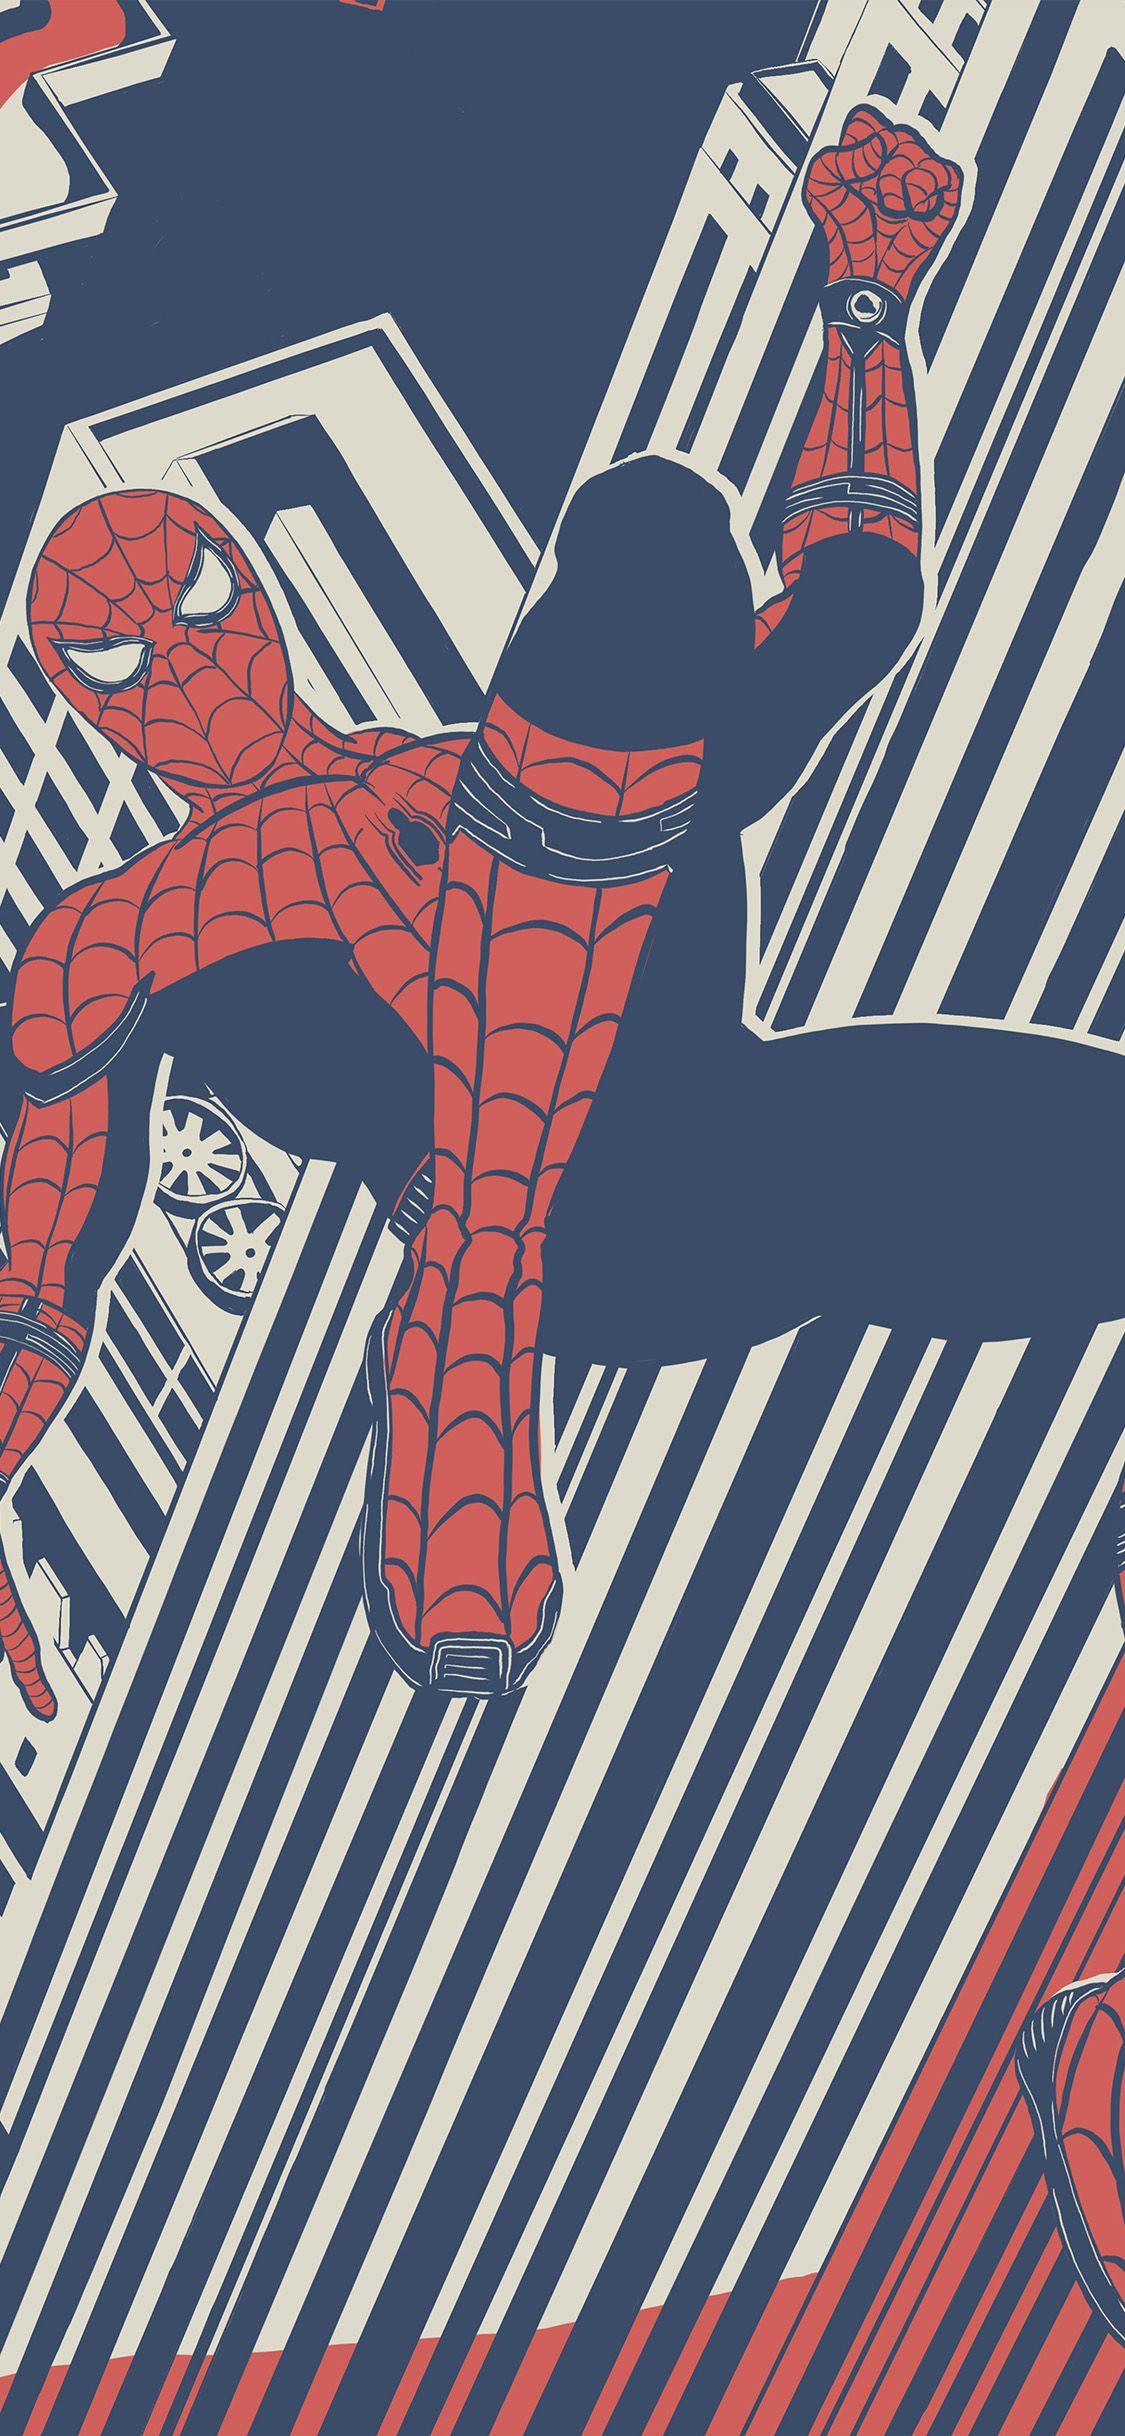 Get Great Marvel Background for Smartphones 2019